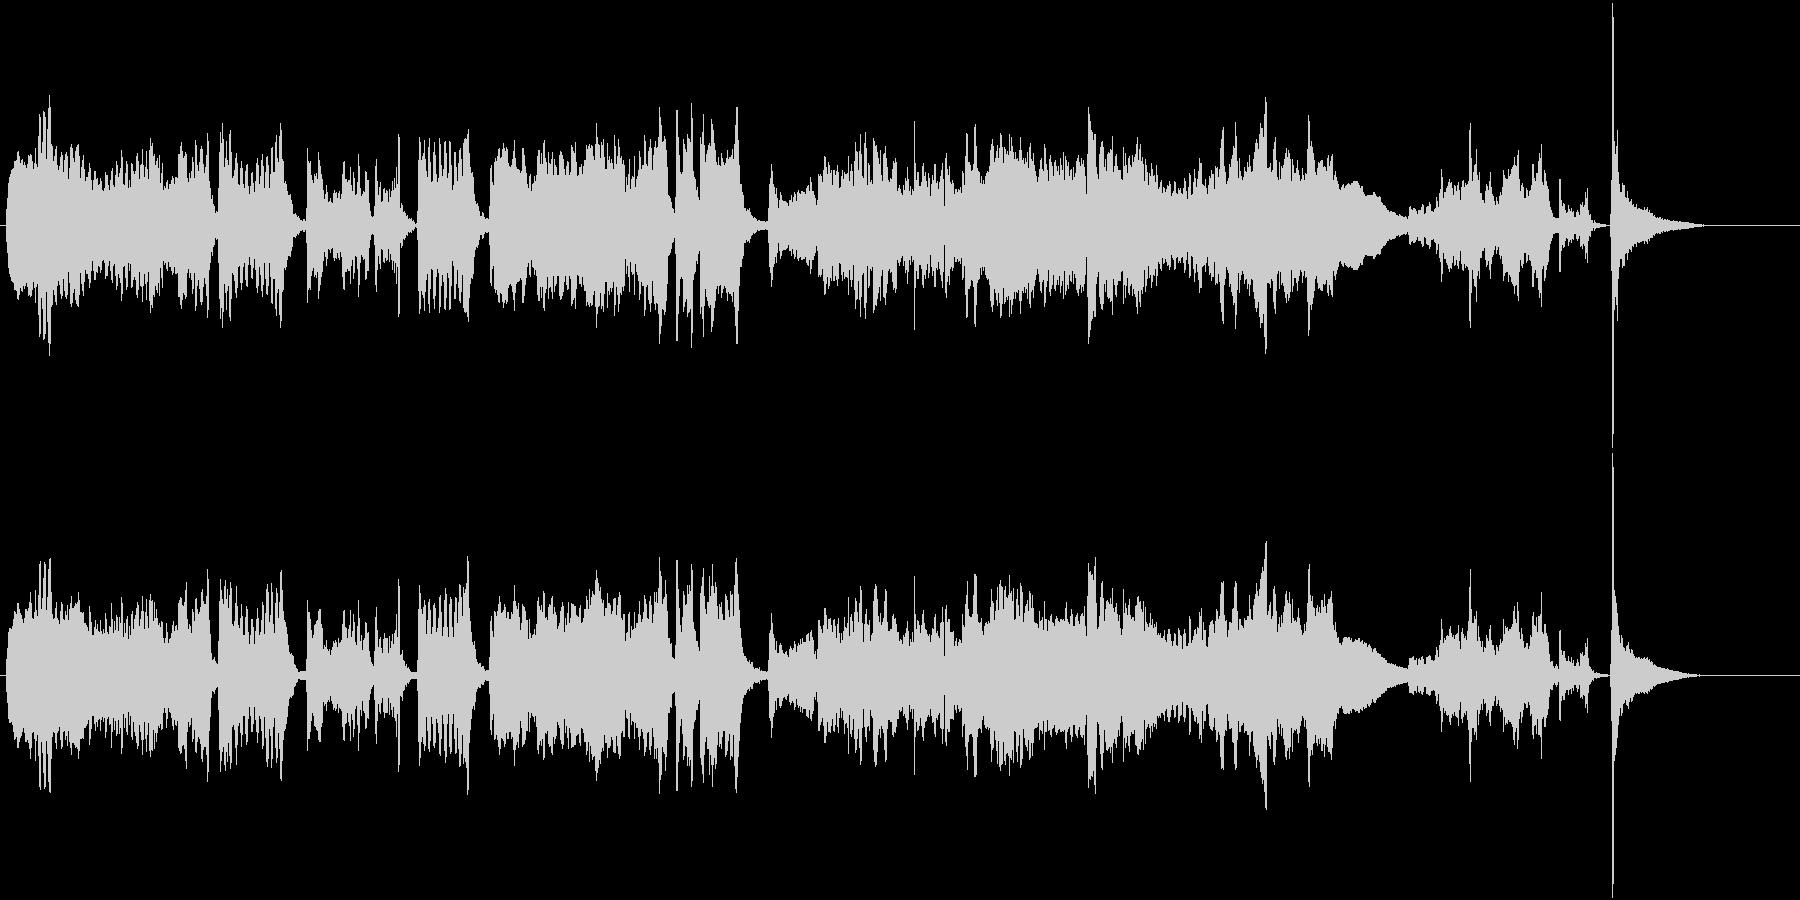 ツィゴイネルワイゼン冒頭/生演奏Vn独奏の未再生の波形